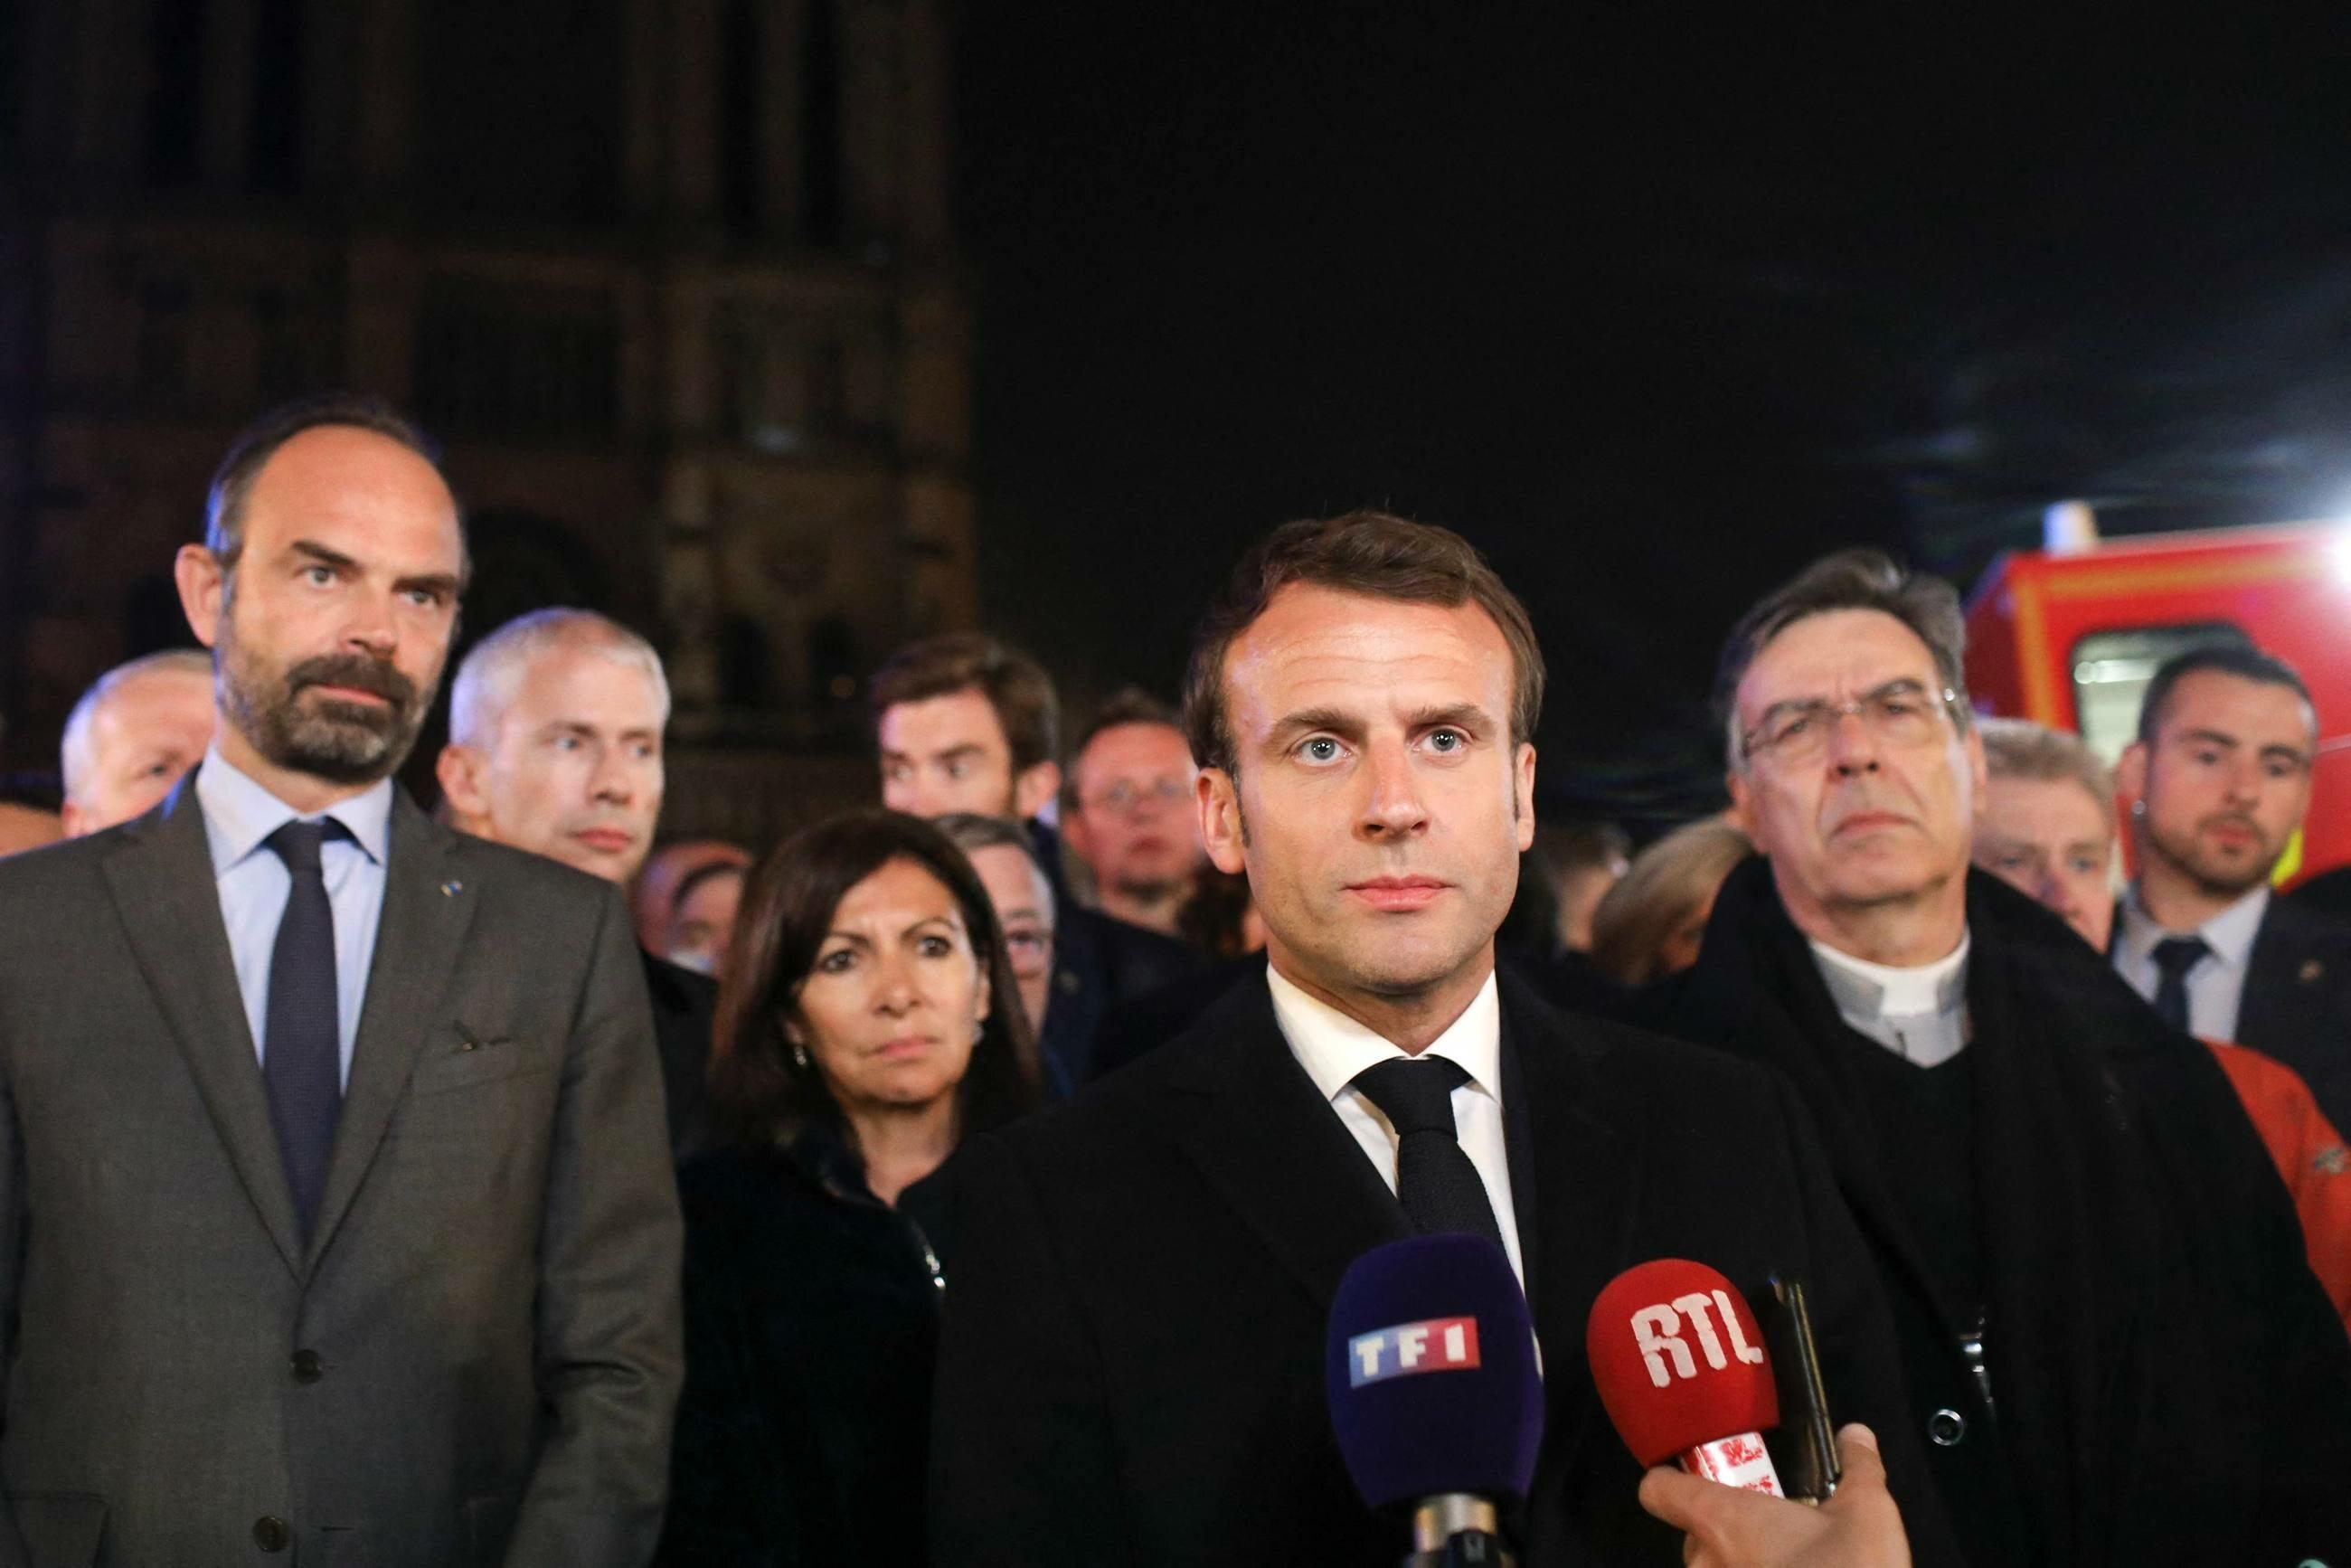 Pożar w katedrze Notre Dame wybuchł w poniedziałek 15 kwietnia około godziny 19. W transmitowanym na żywo orędziu do narodu prezydent Francji Emmanuel Macron zapewnił, że paryska katedra zostanie odbudowana w ciągu…